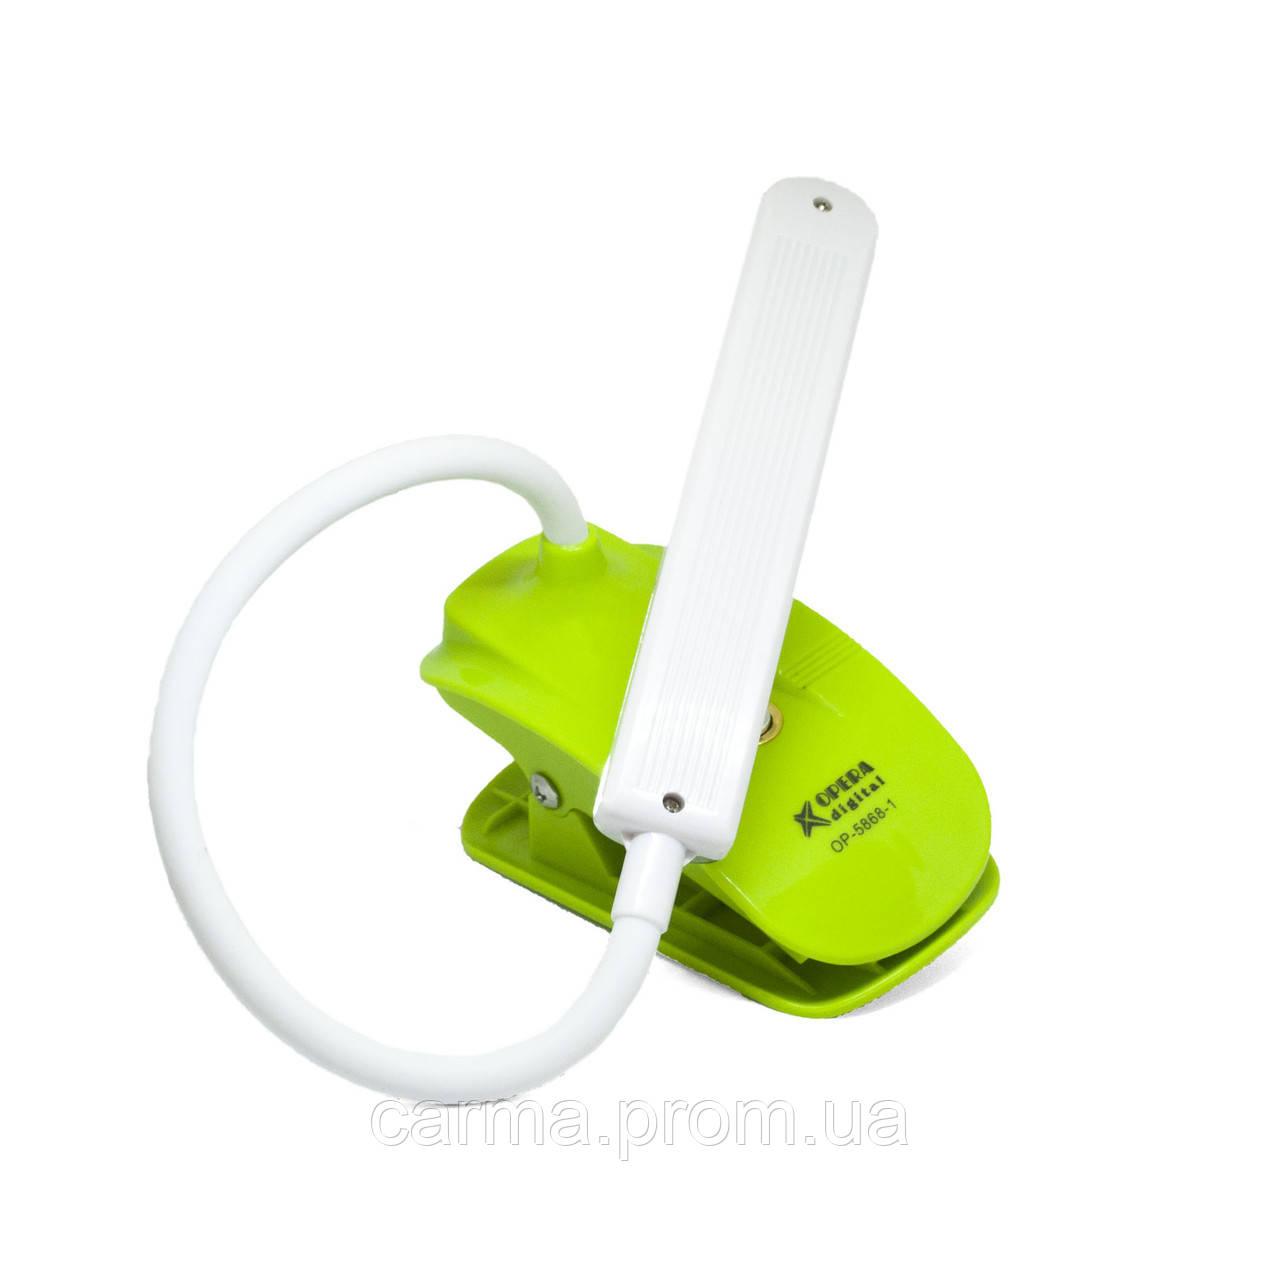 Настольная светодиодная лампа OPERA 5868-1 Зеленая